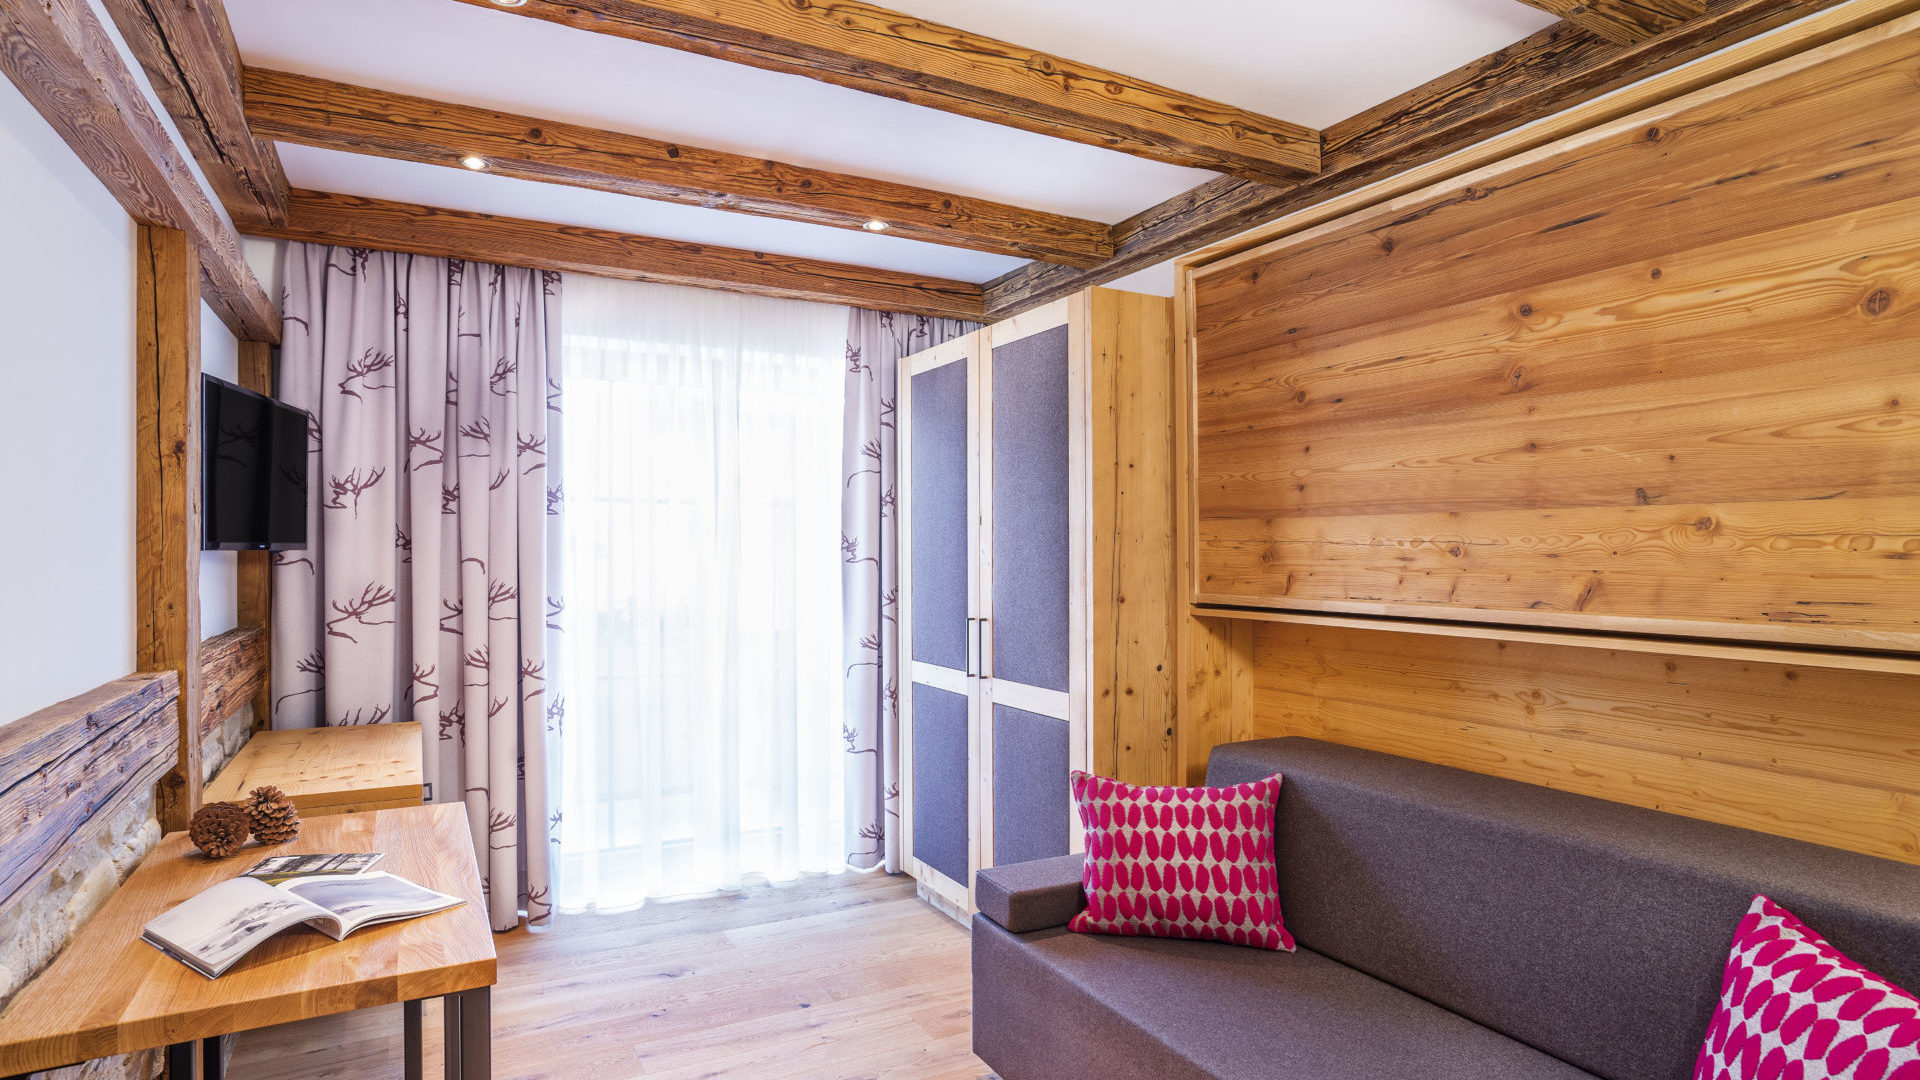 Massageraum gestalten  Impressions › Hotel Gaspingerhof